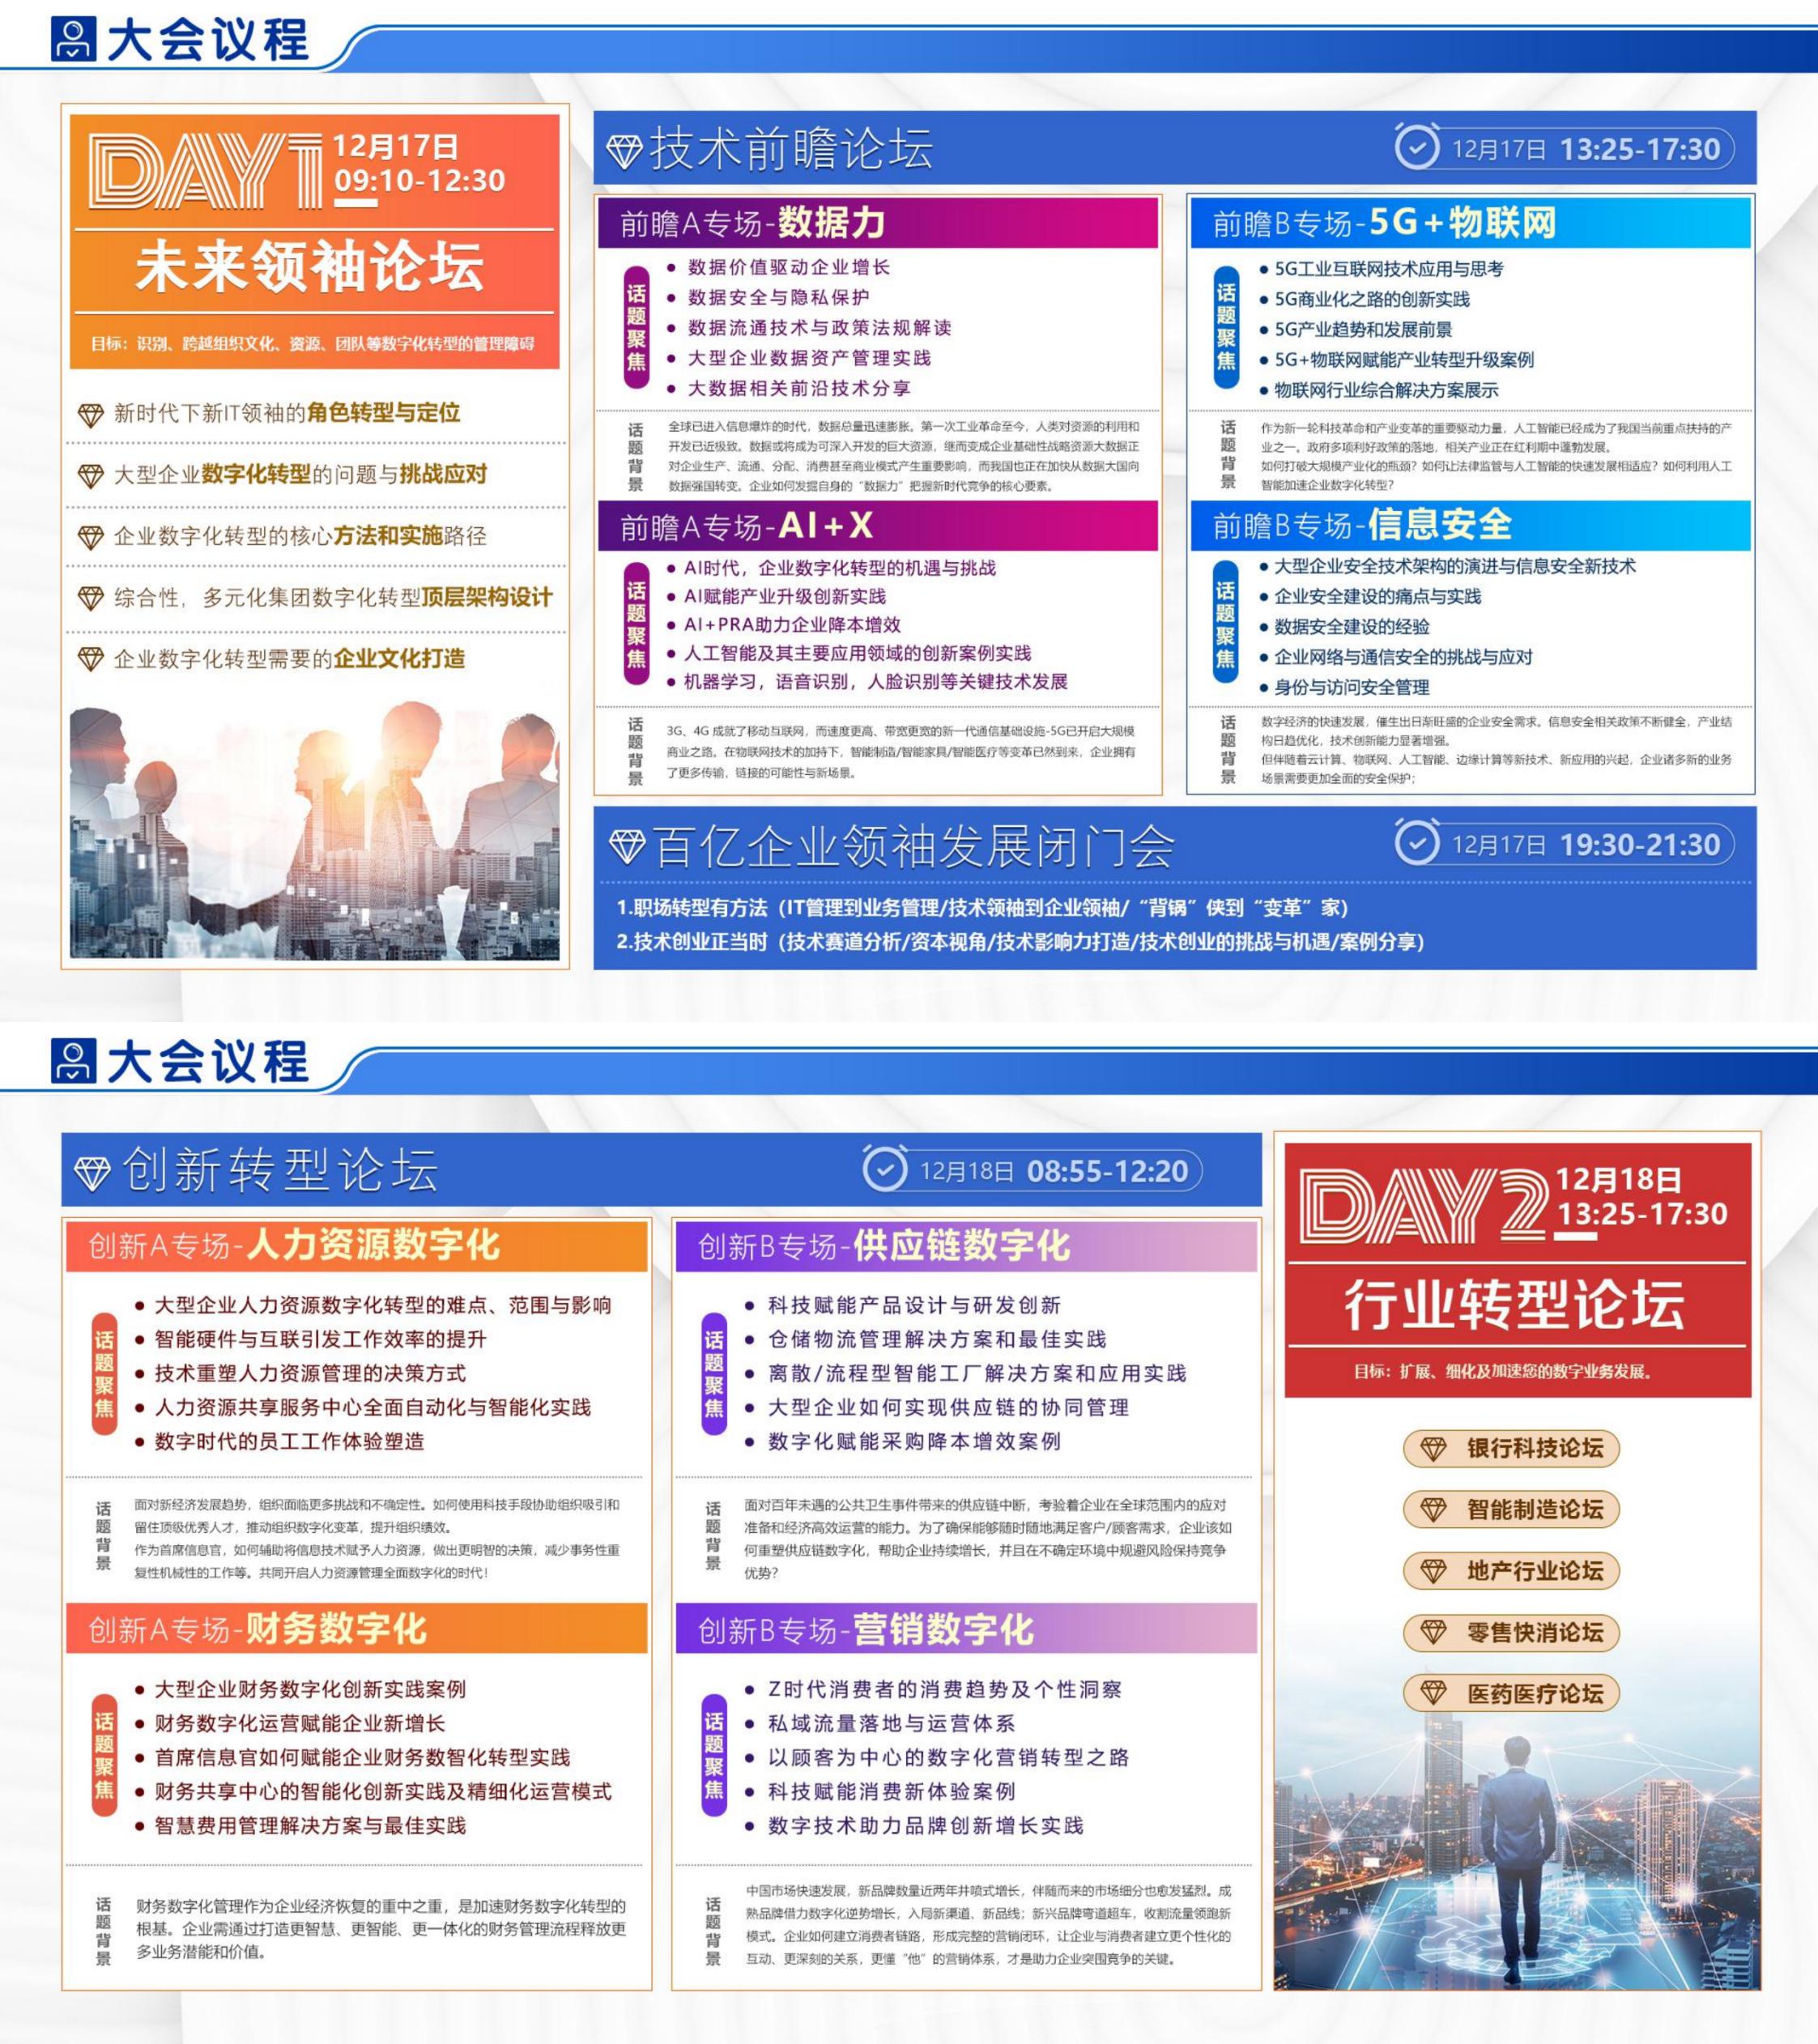 重磅!2021首届中国企业数字化转型领袖峰会将与您相聚上海!